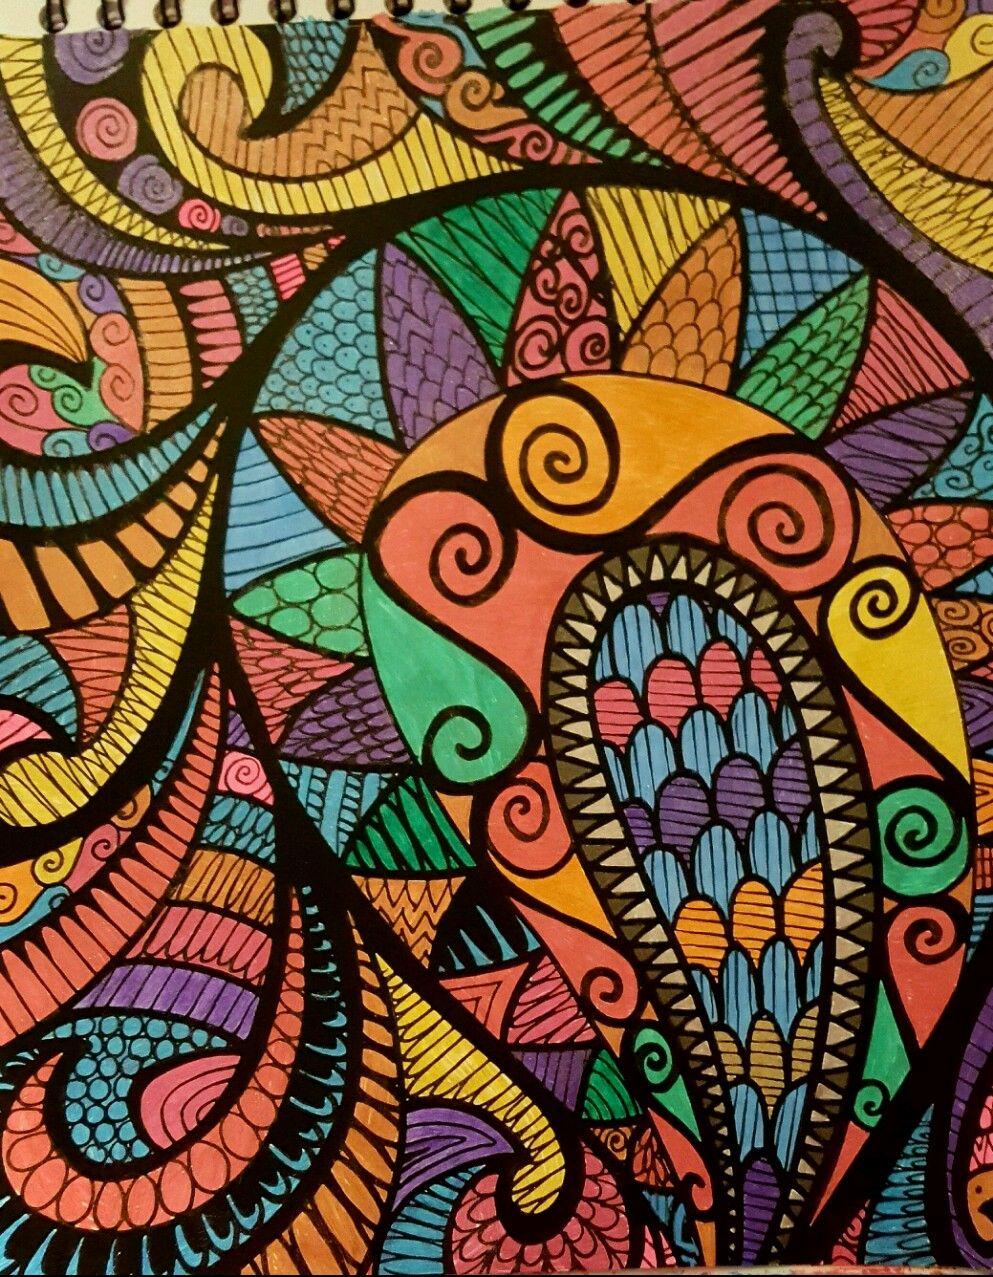 Colorit Wild Doodles Colorist Diane Cole Adultcoloring Coloringforadults Adultcoloringpages Doodle Fractal Art Doodle Coloring Art